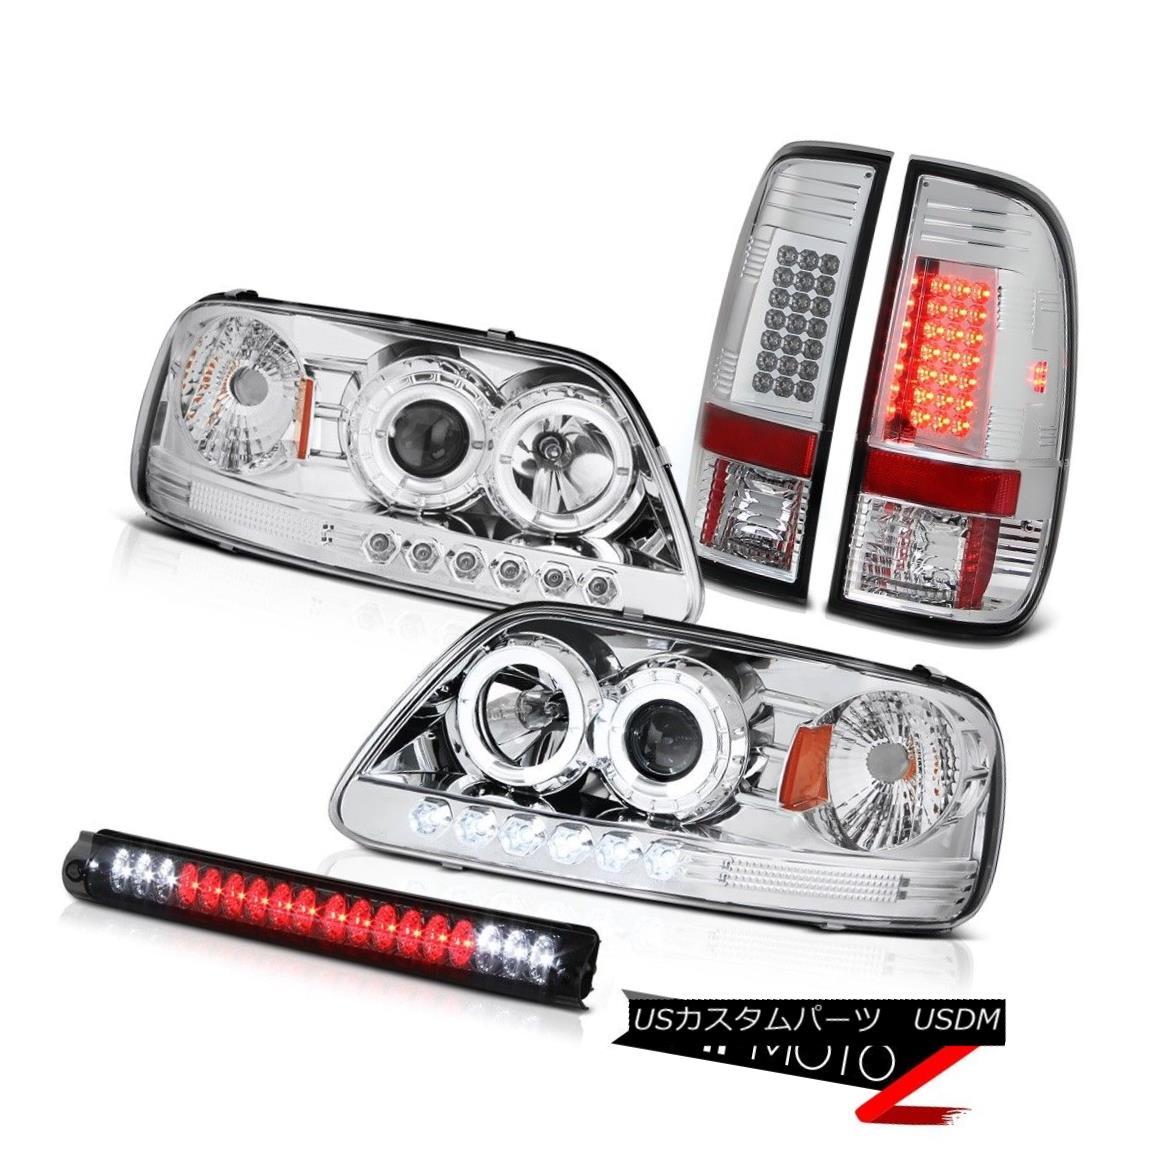 ヘッドライト 1999 2000 2001 F150 5.4L Crystal Halo LED Headlight Clear Tail Lights Brake Lamp 1999 2000 2001 F150 5.4LクリスタルハローLEDヘッドライトクリアテールライトブレーキランプ